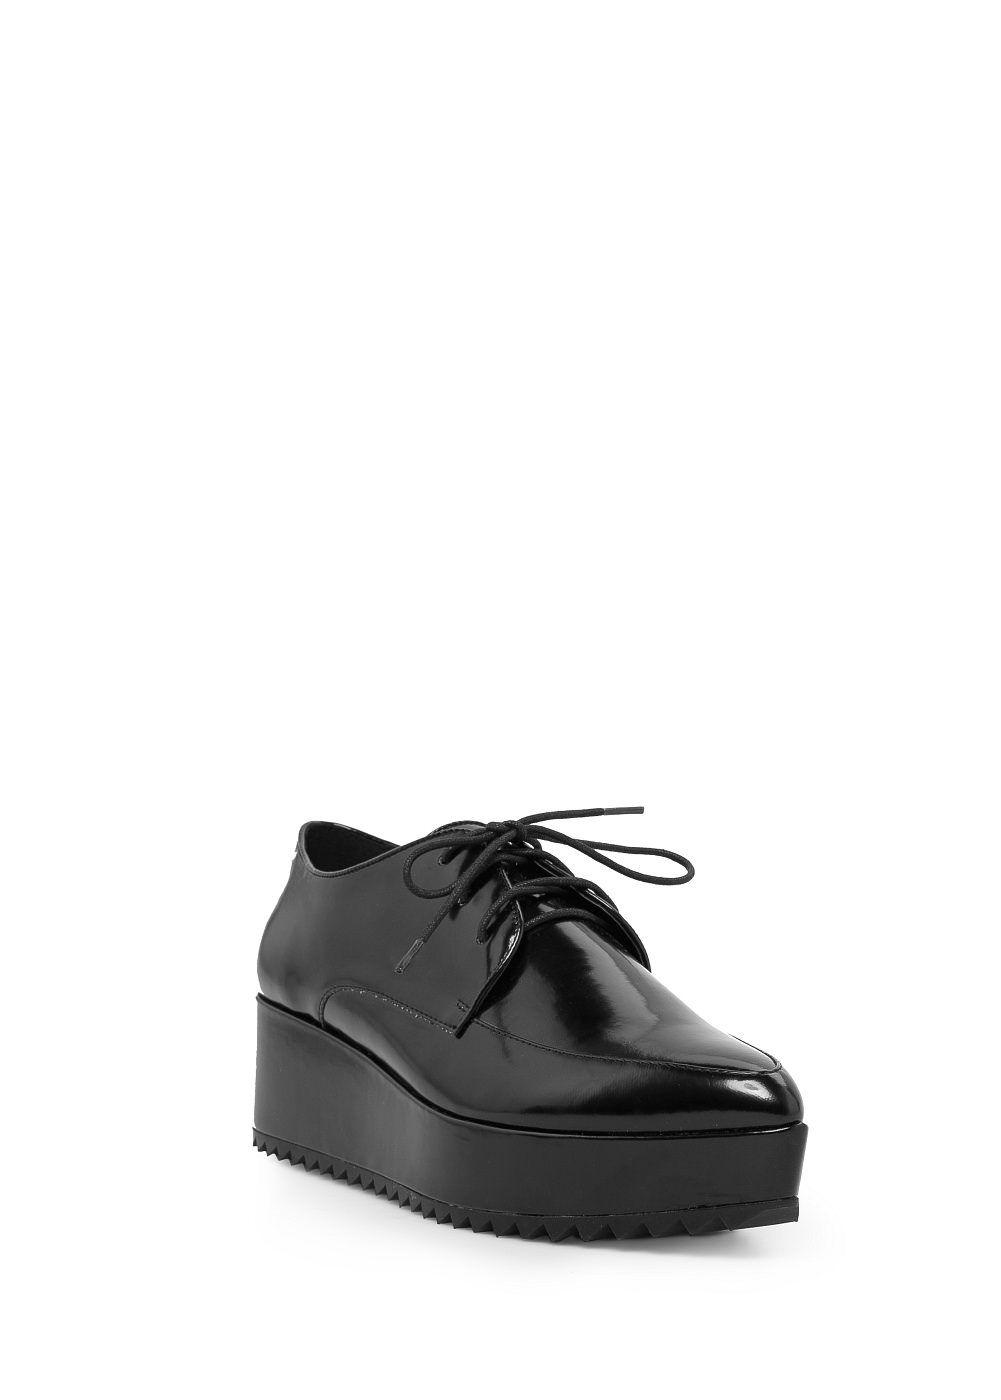 358add98fd Platform oxford shoes - Women | Shoes | Oxford shoes, Women oxford ...